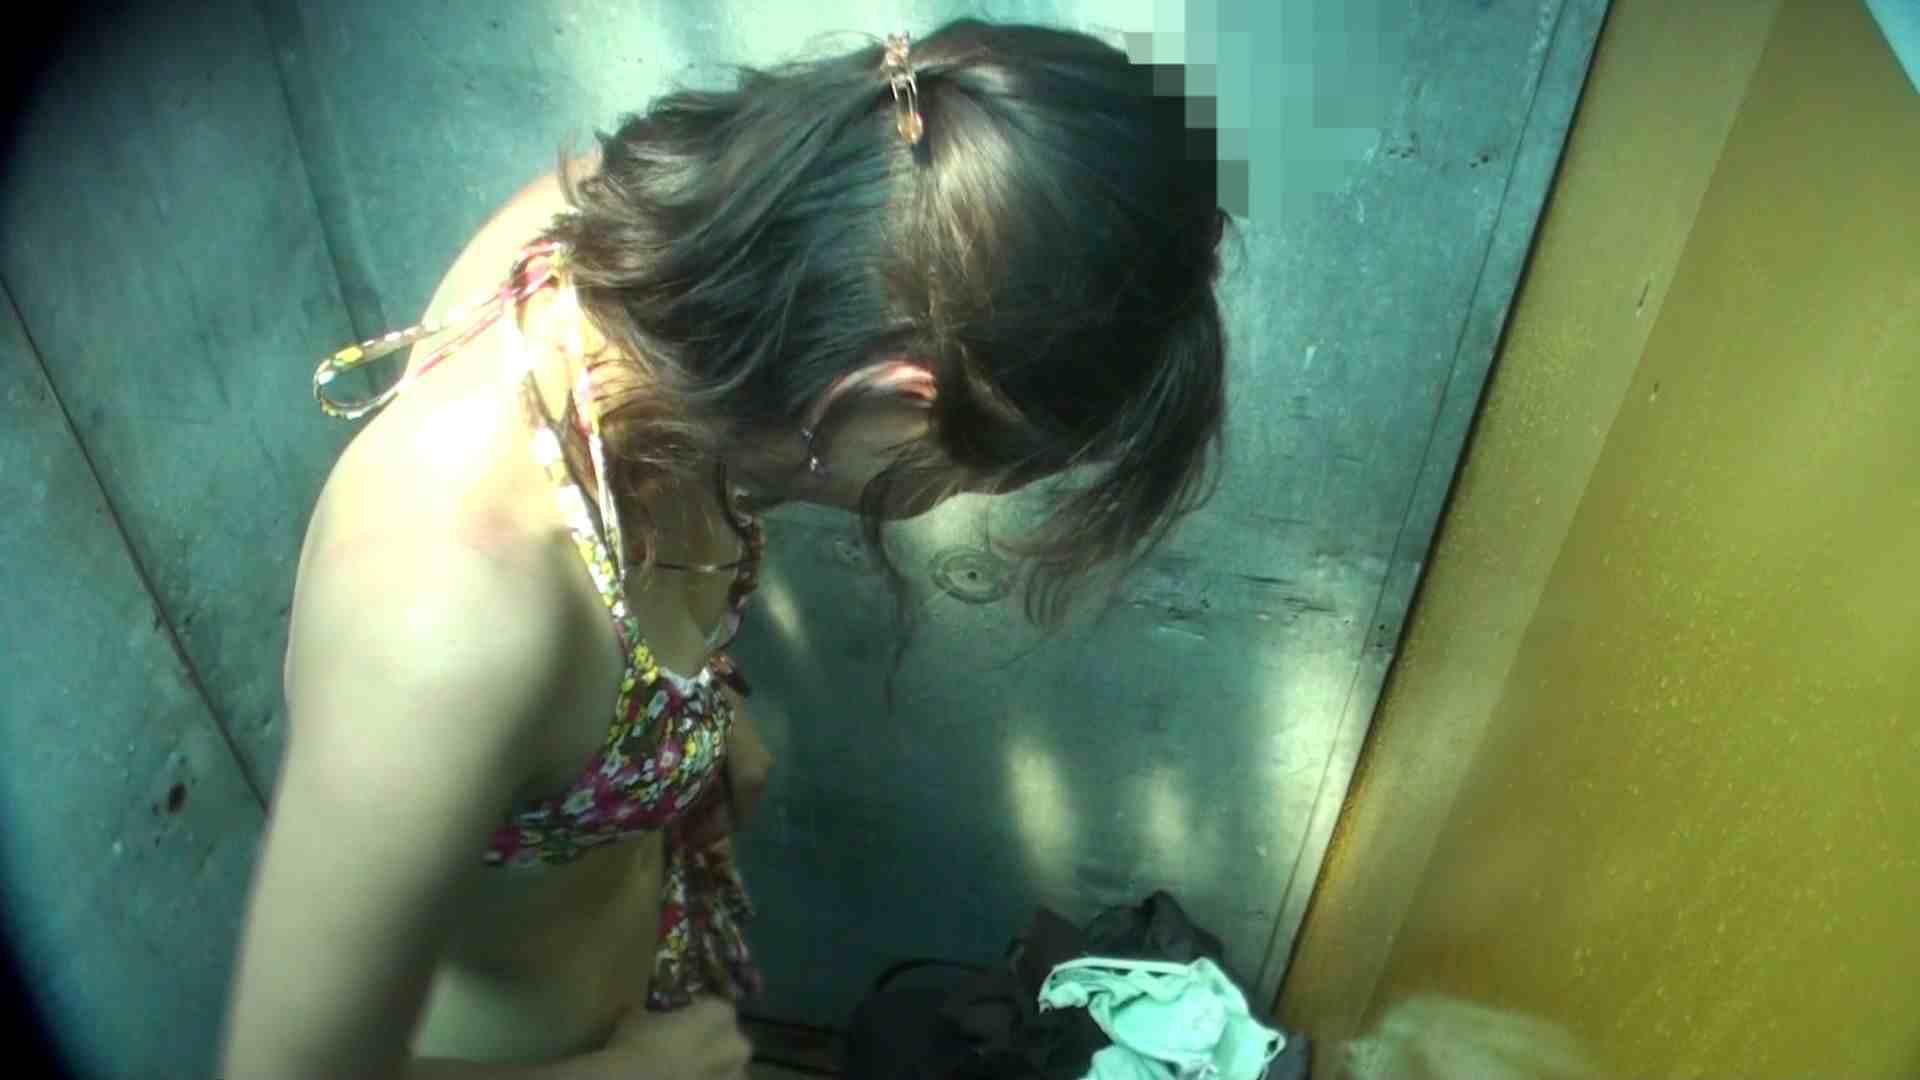 シャワールームは超!!危険な香りVol.16 意外に乳首は年増のそれ 高画質  44連発 24